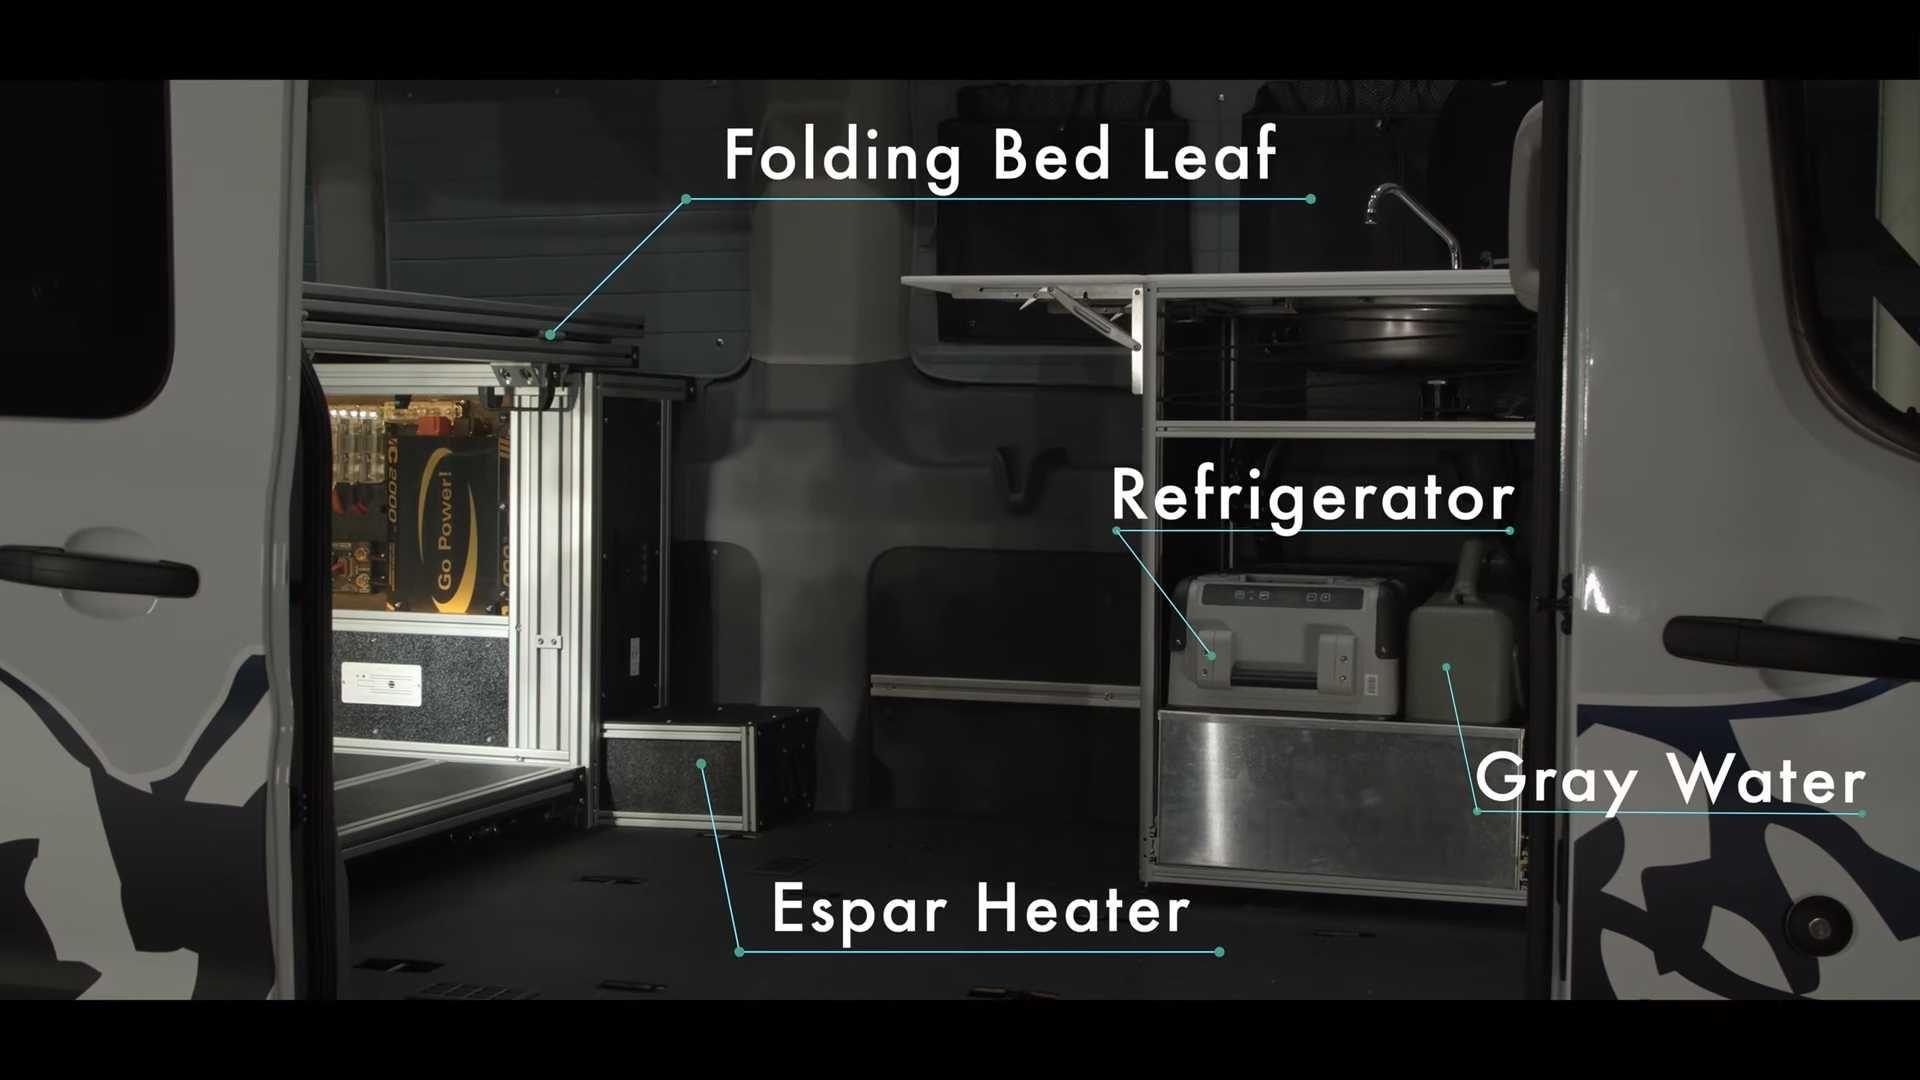 Vandoit S Modular Design Allows You To Plug And Play To